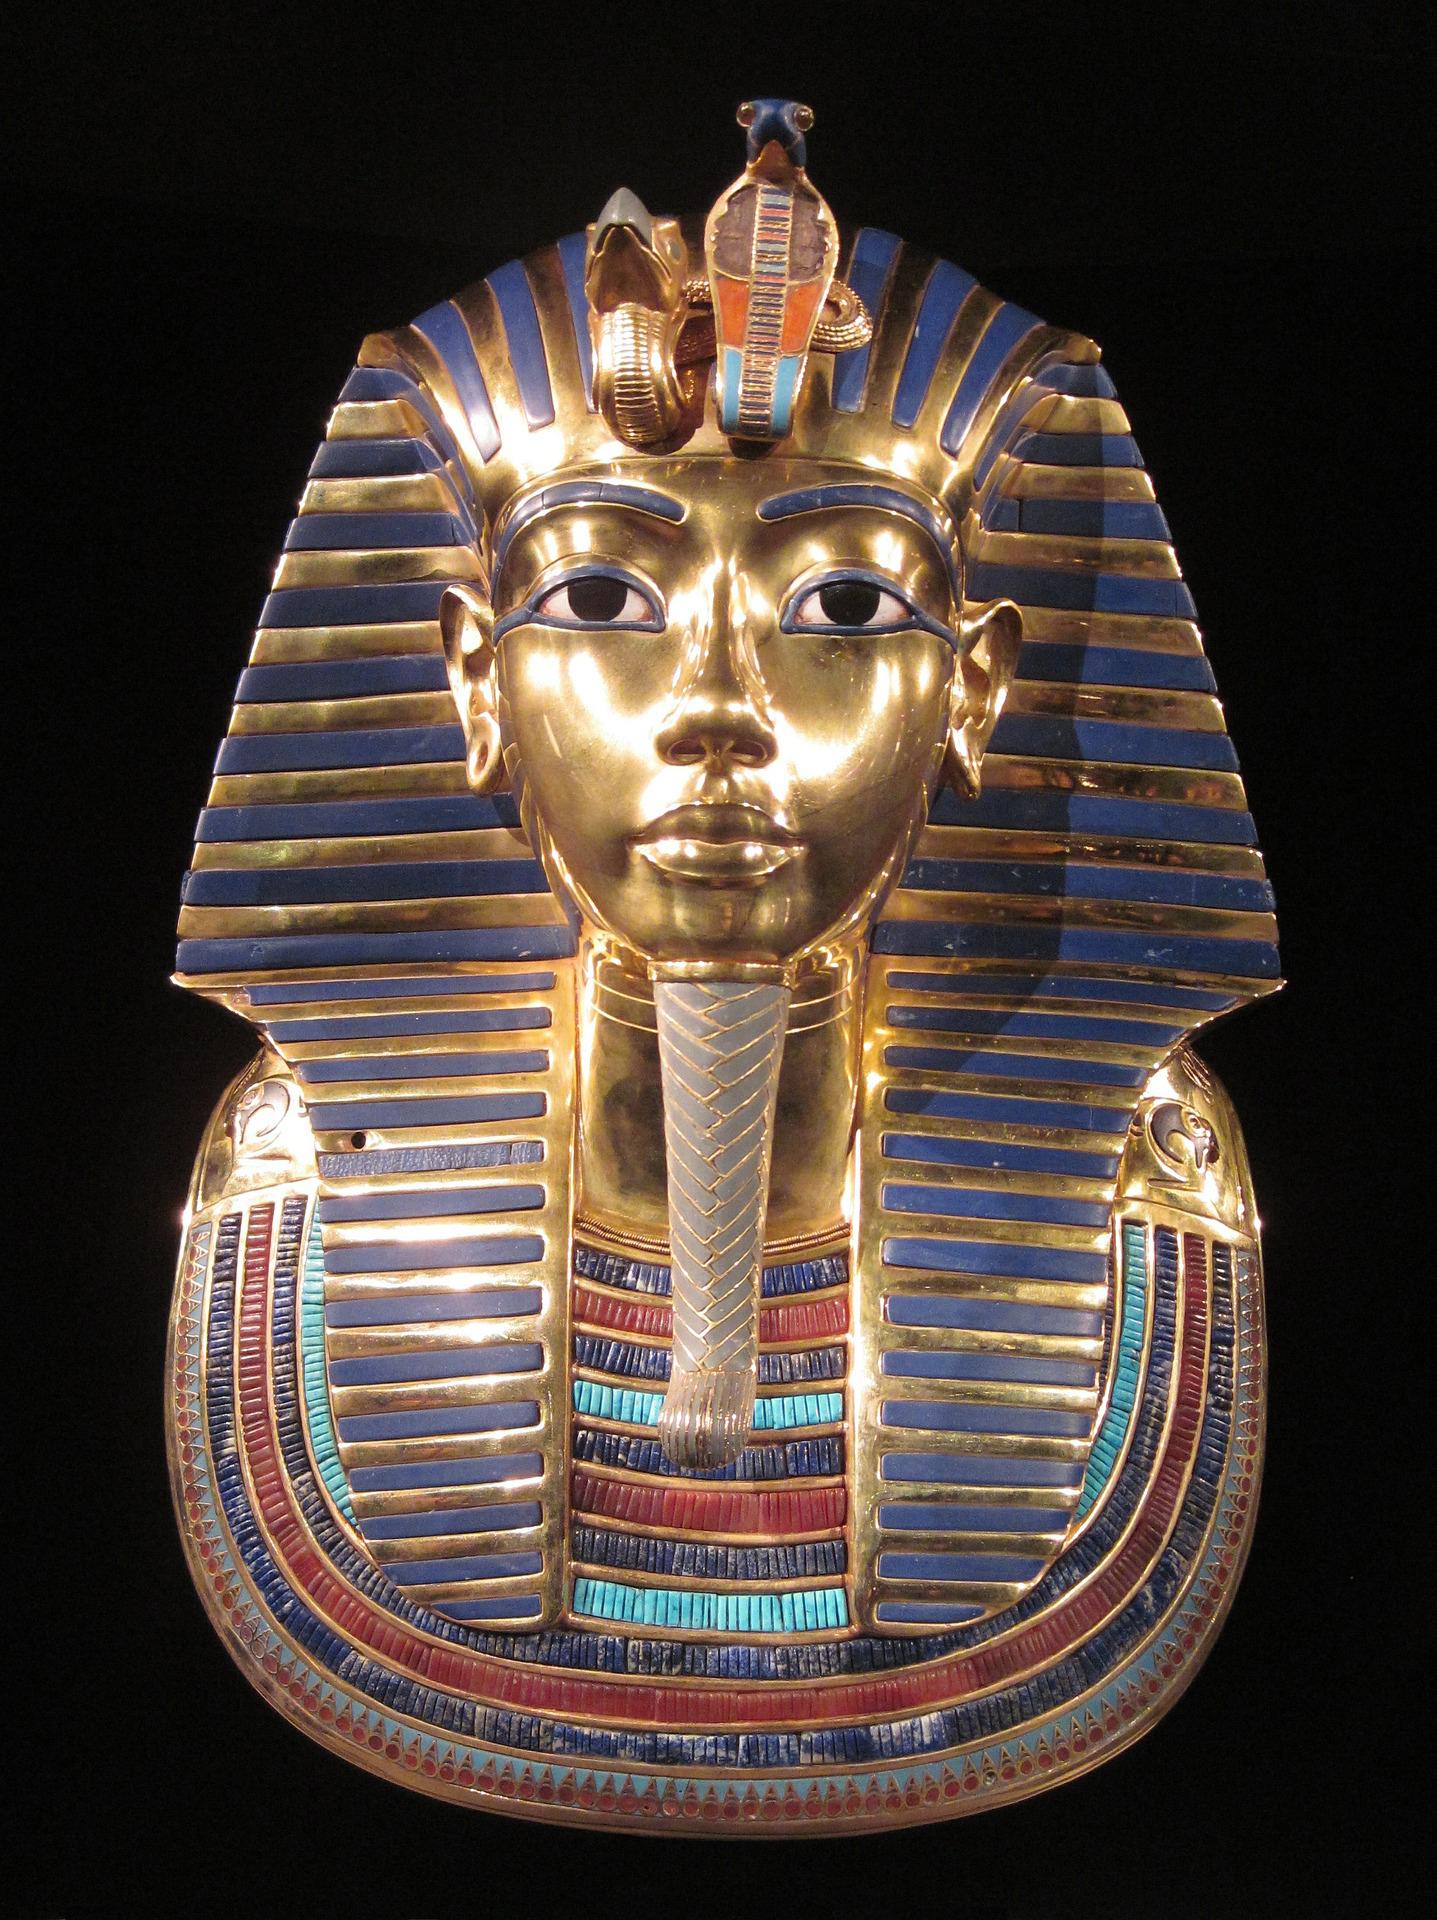 Ägypten Erwägt Überführung Nach Kairo (Mittwoch, 23. Oktober bei Pharao Totenmaske